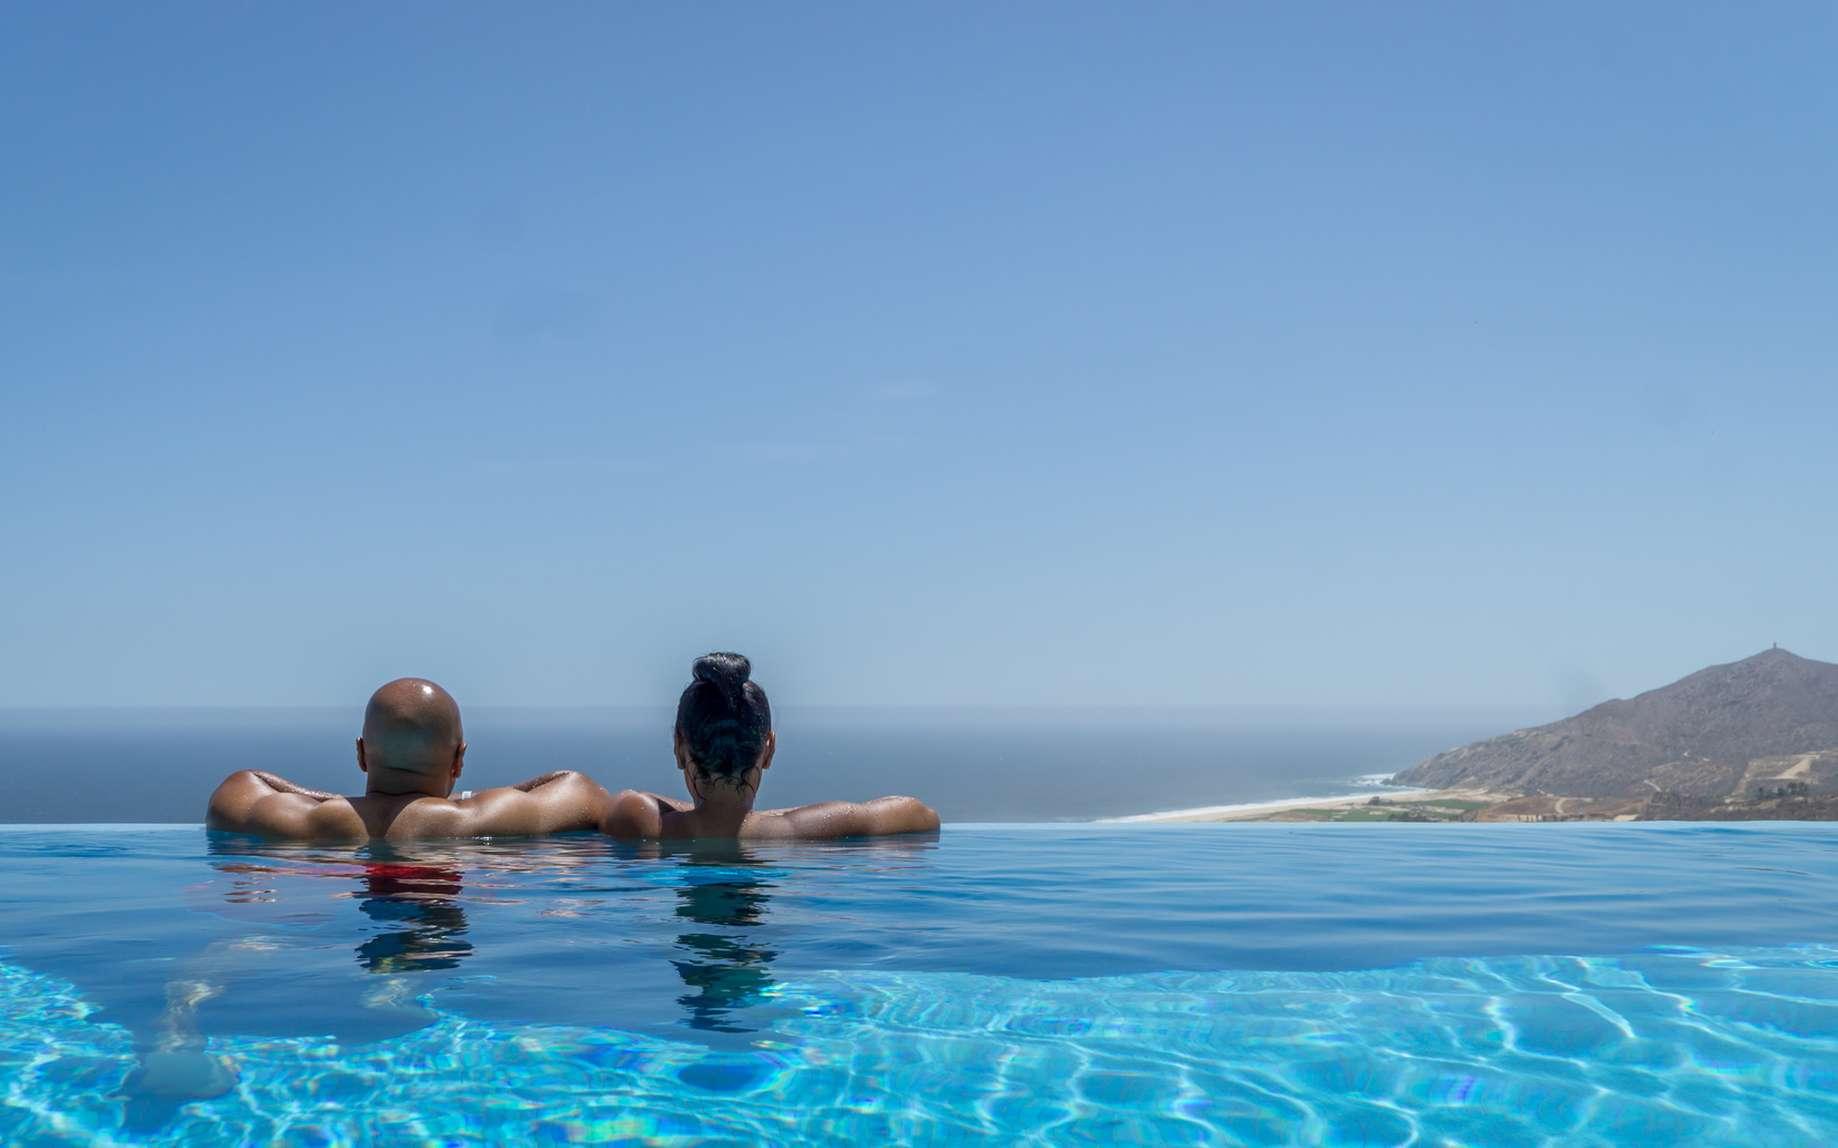 Au-delà de l'esthétique, le choix entre piscine miroir et piscine à débordement doit aussi se faire en fonction de la topographie du terrain, de la situation de la piscine sur le terrain, de sa position par rapport à la maison et de la vue. © Darryl, fotolia